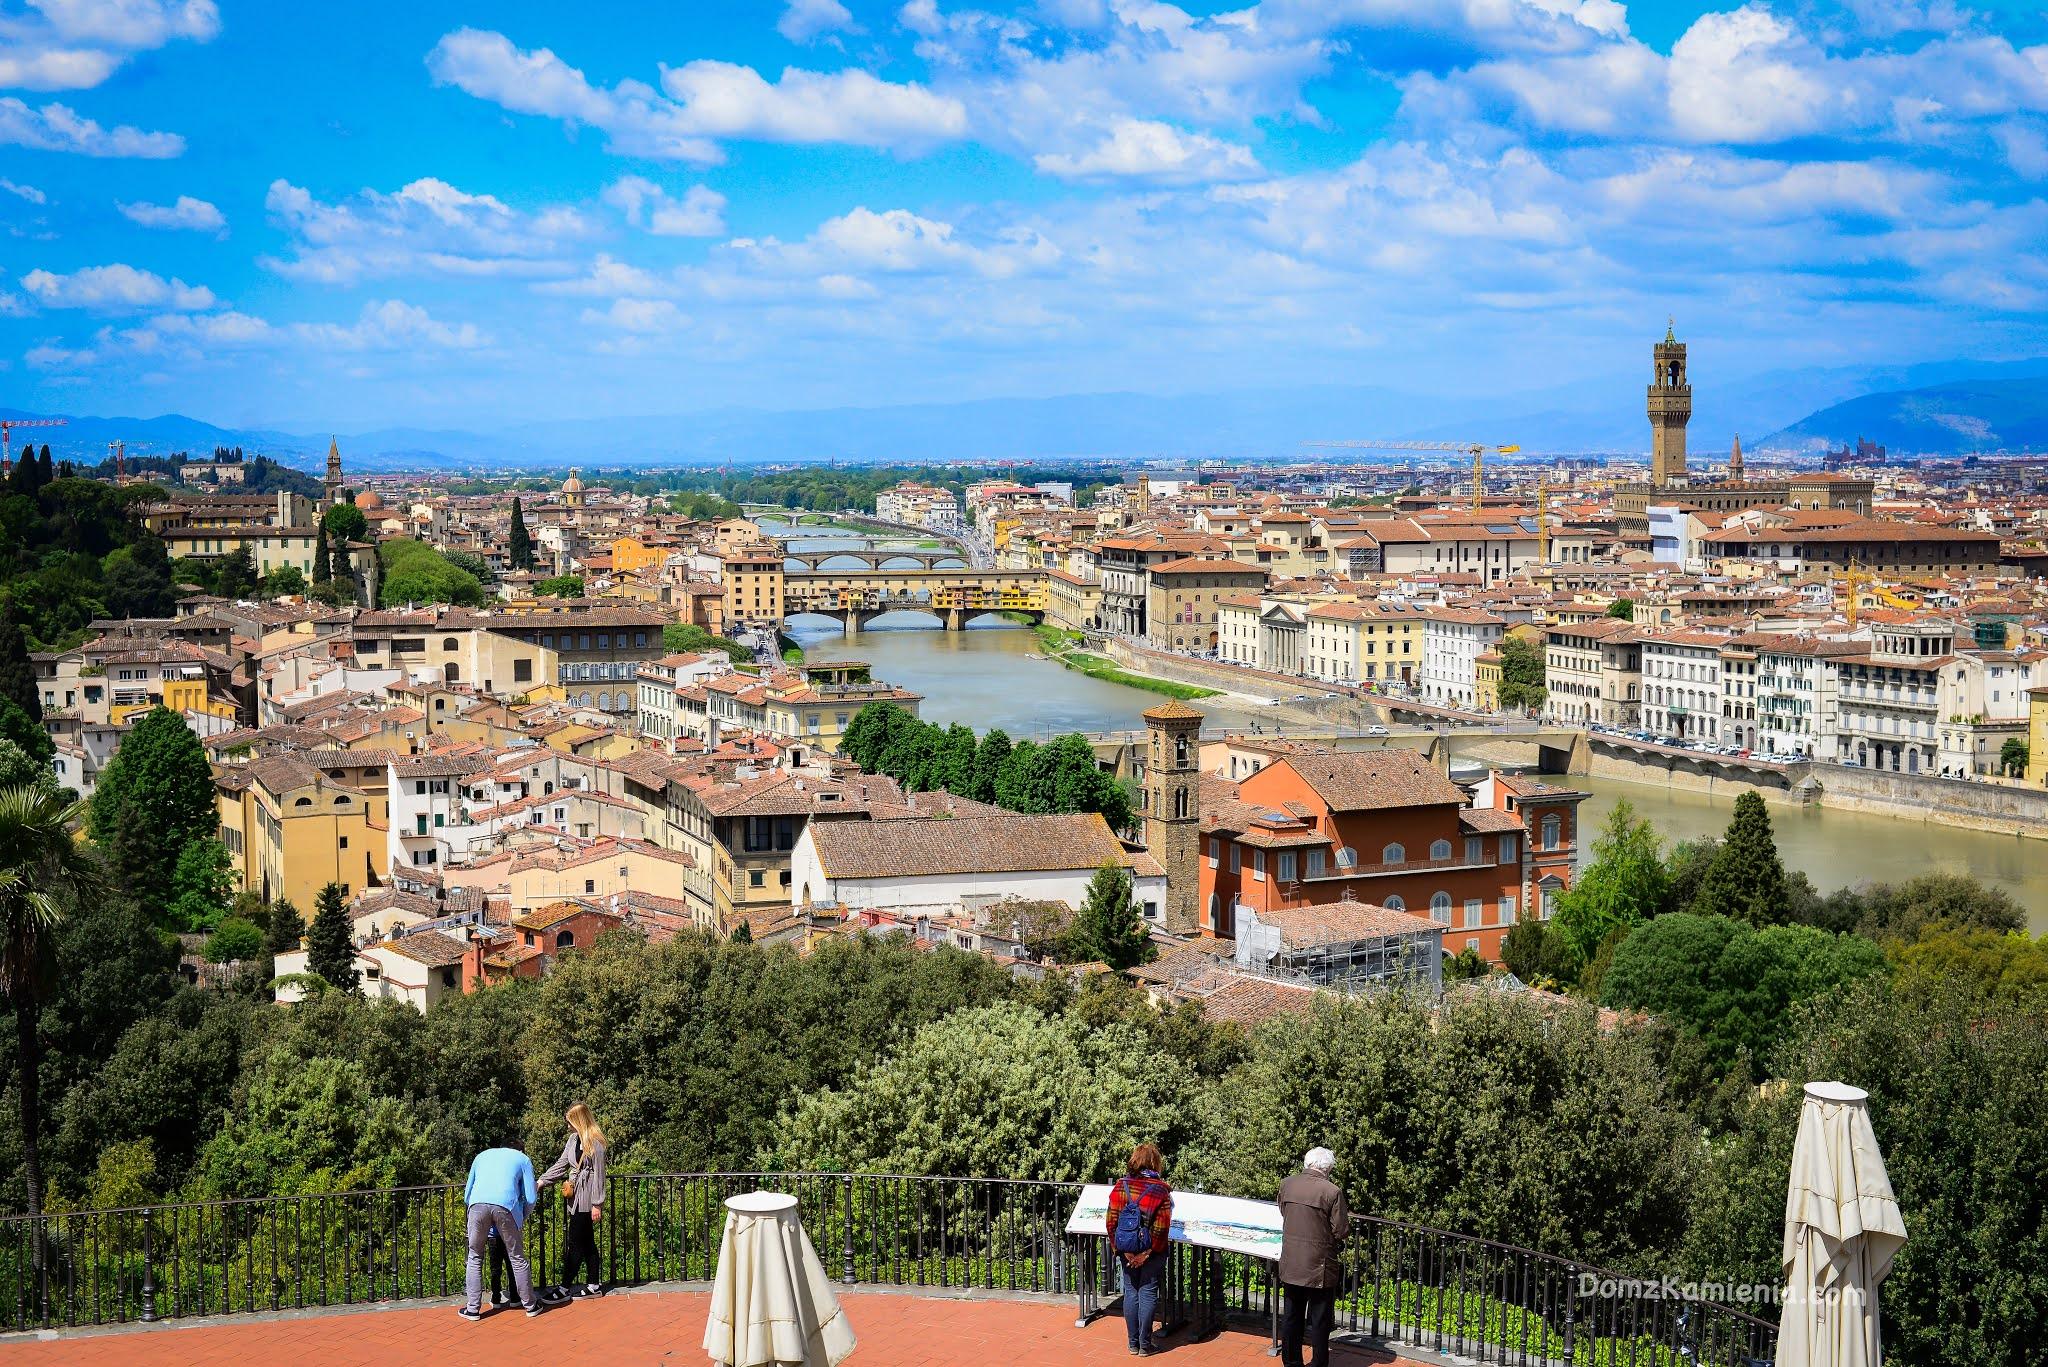 Florencja, Dom z Kamienia blog o życiu w Toskanii